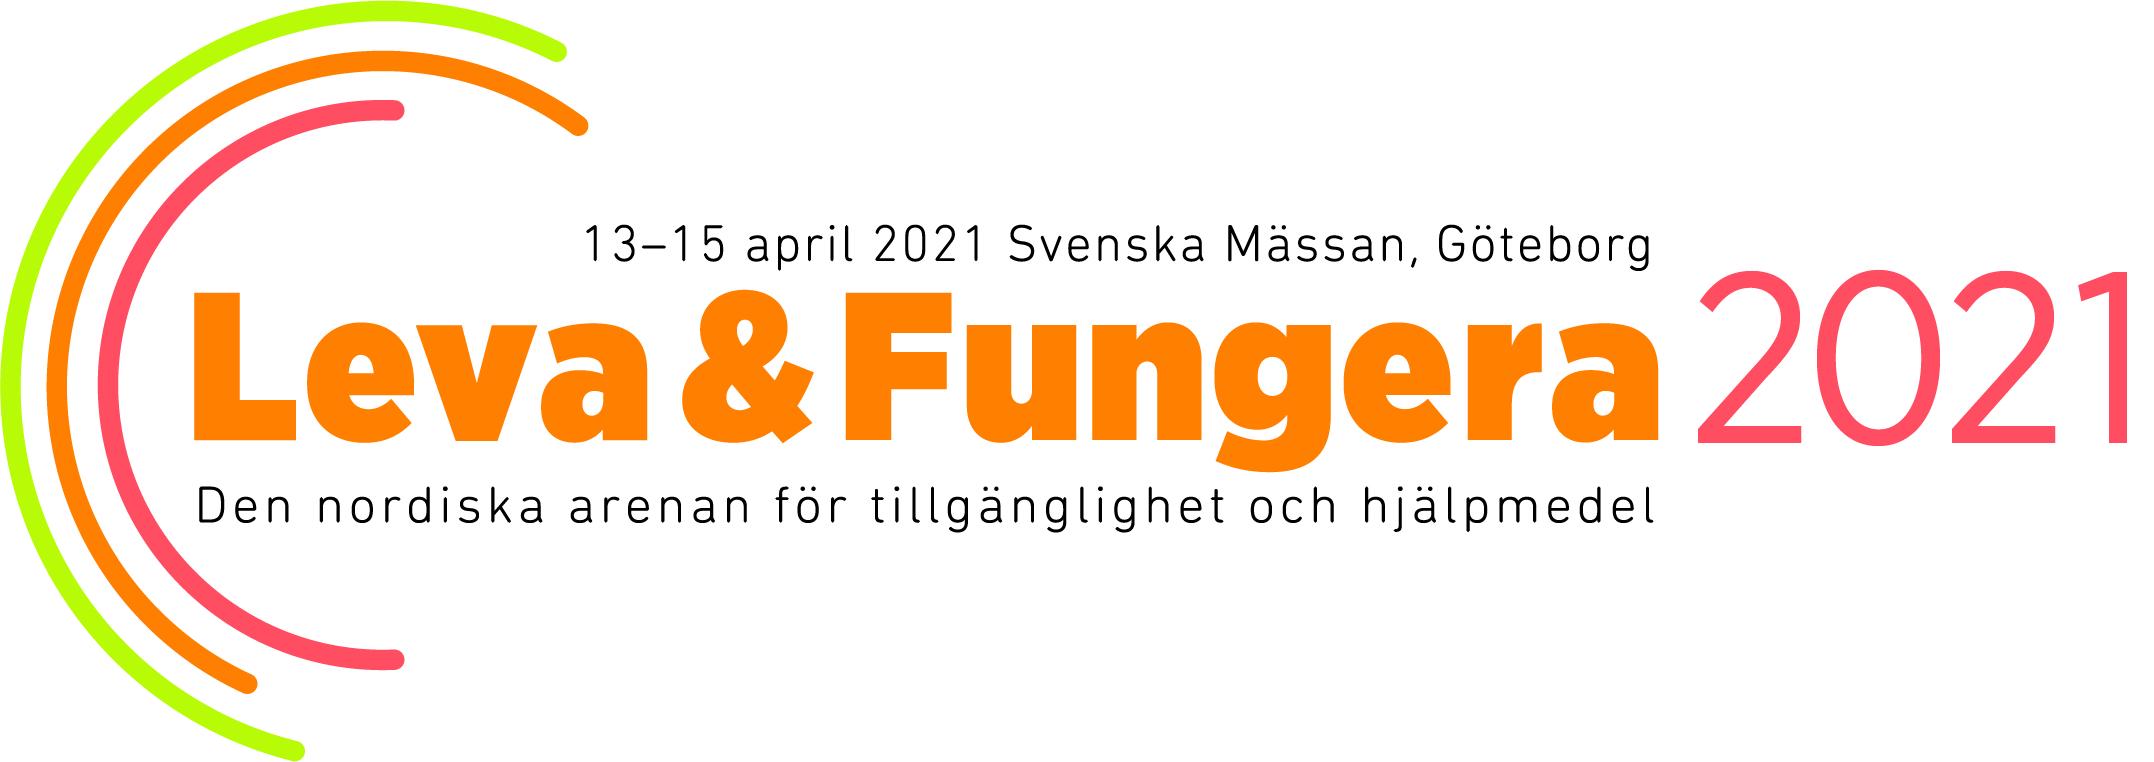 16158 LevaFungera Logo Datum Byline 2021 sv